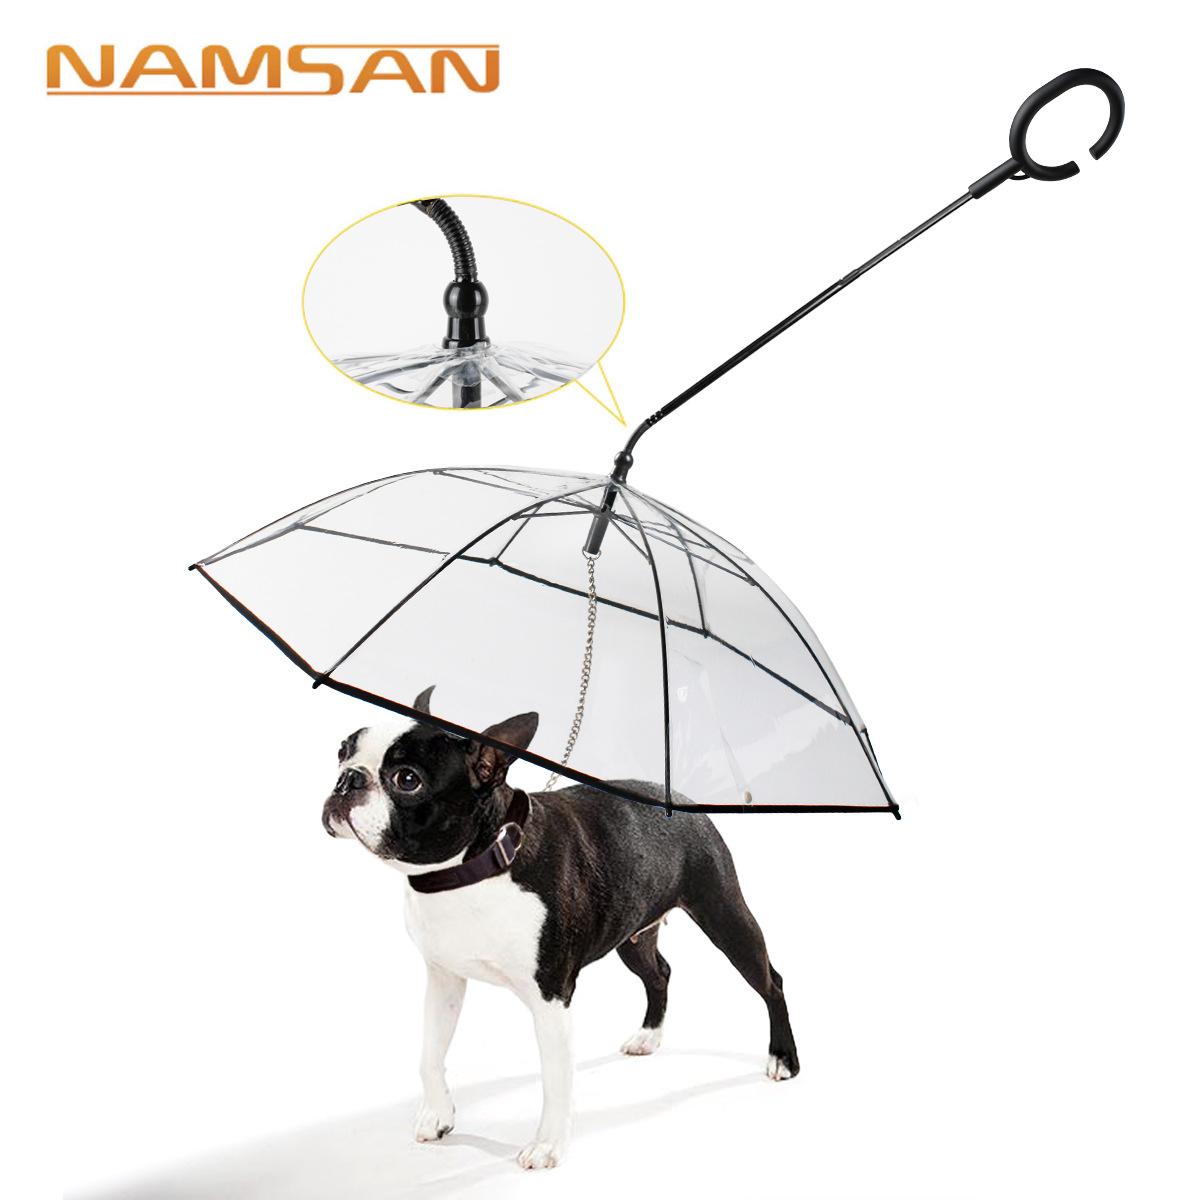 Namsan Transparent Pet Umbrella Dog C-shaped Umbrella Pet Products Factory Direct Sales Adjustable L